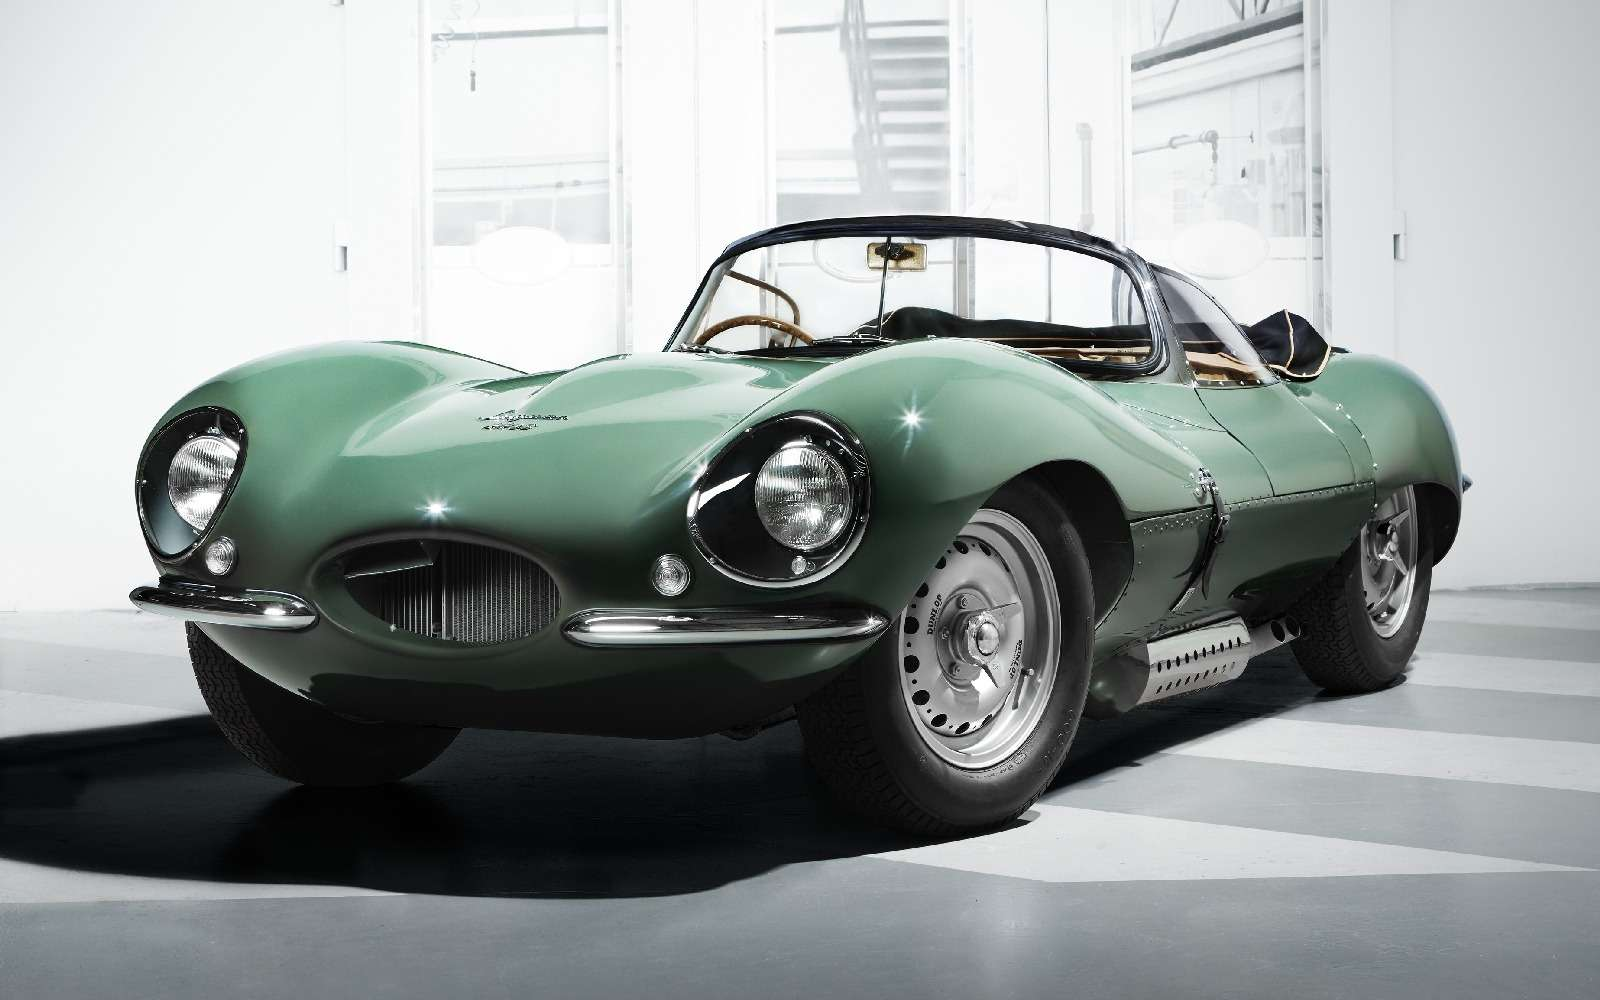 Jaguar вернулся квыпуску карбюраторных автомобилей— фото 665289